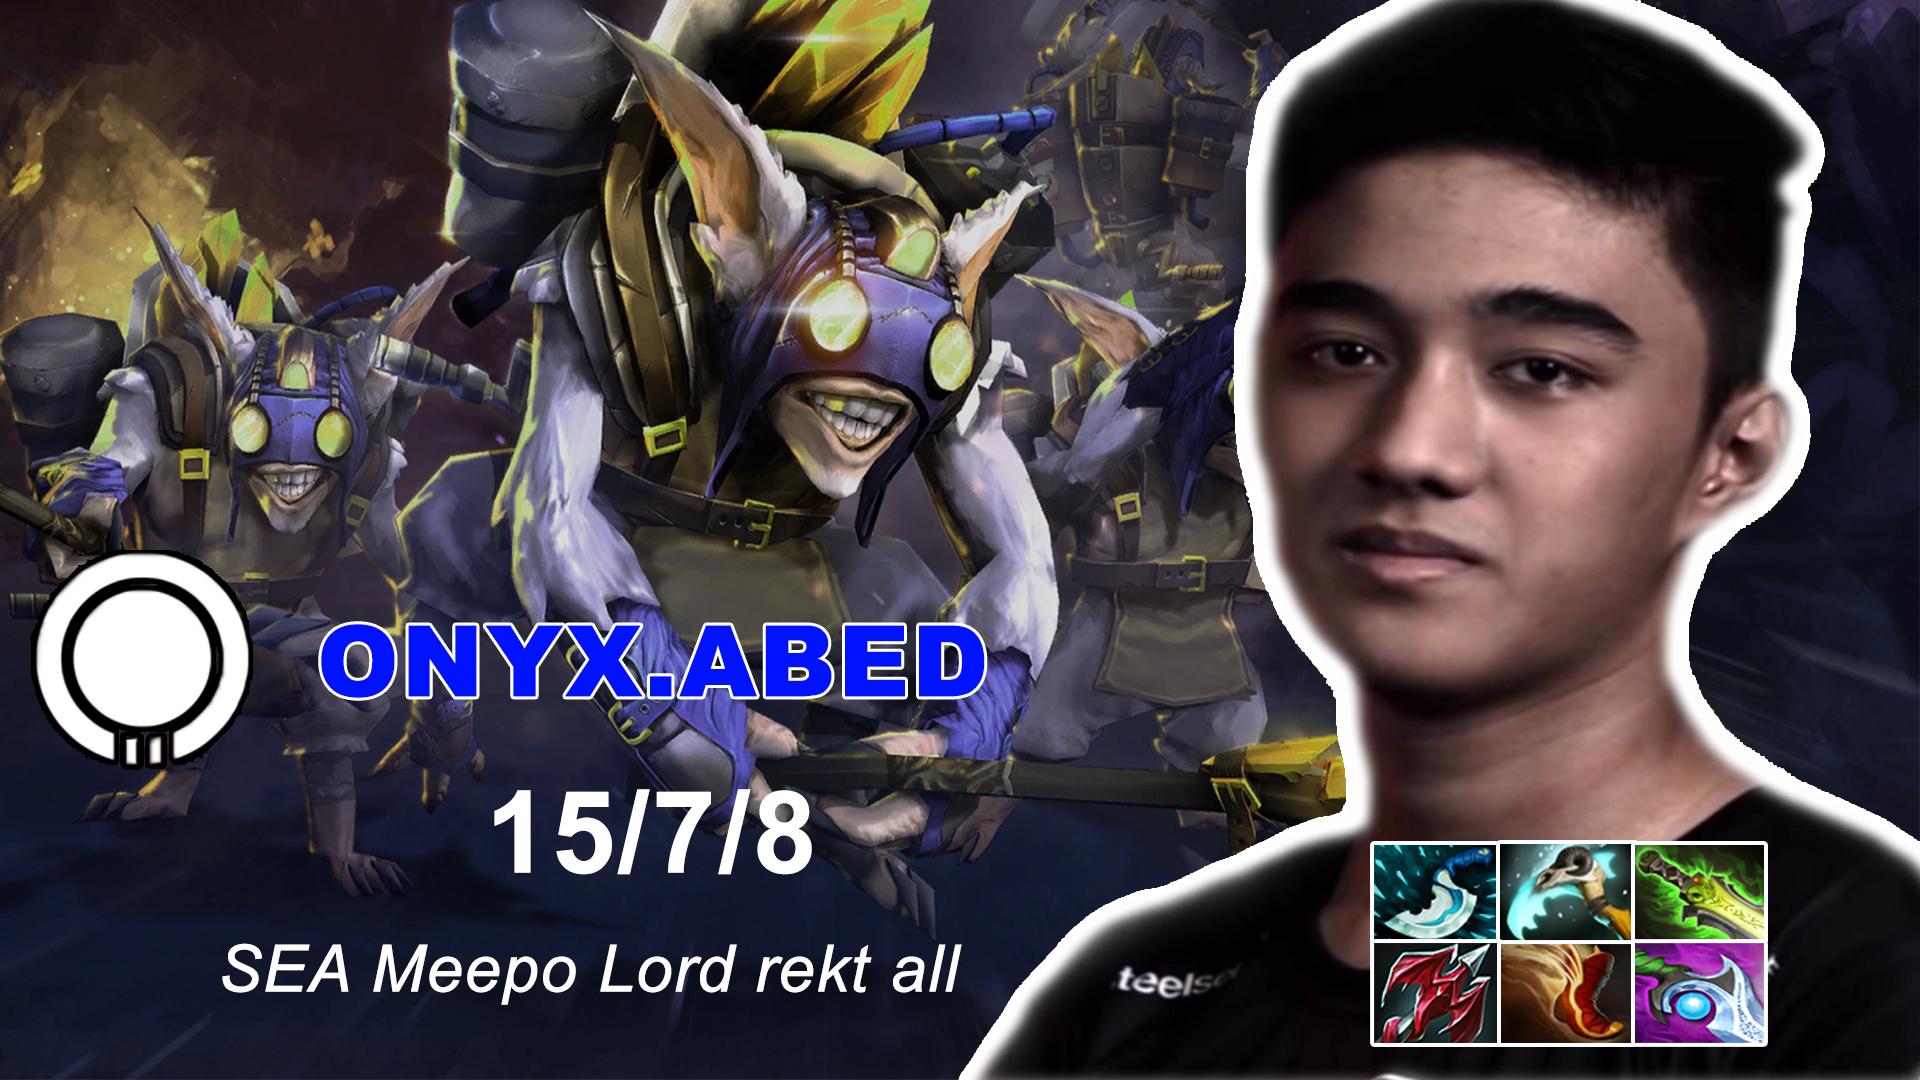 [Gosu Highlights] Khi Abed cầm Meepo, Chessie cũng phải sấp mặt